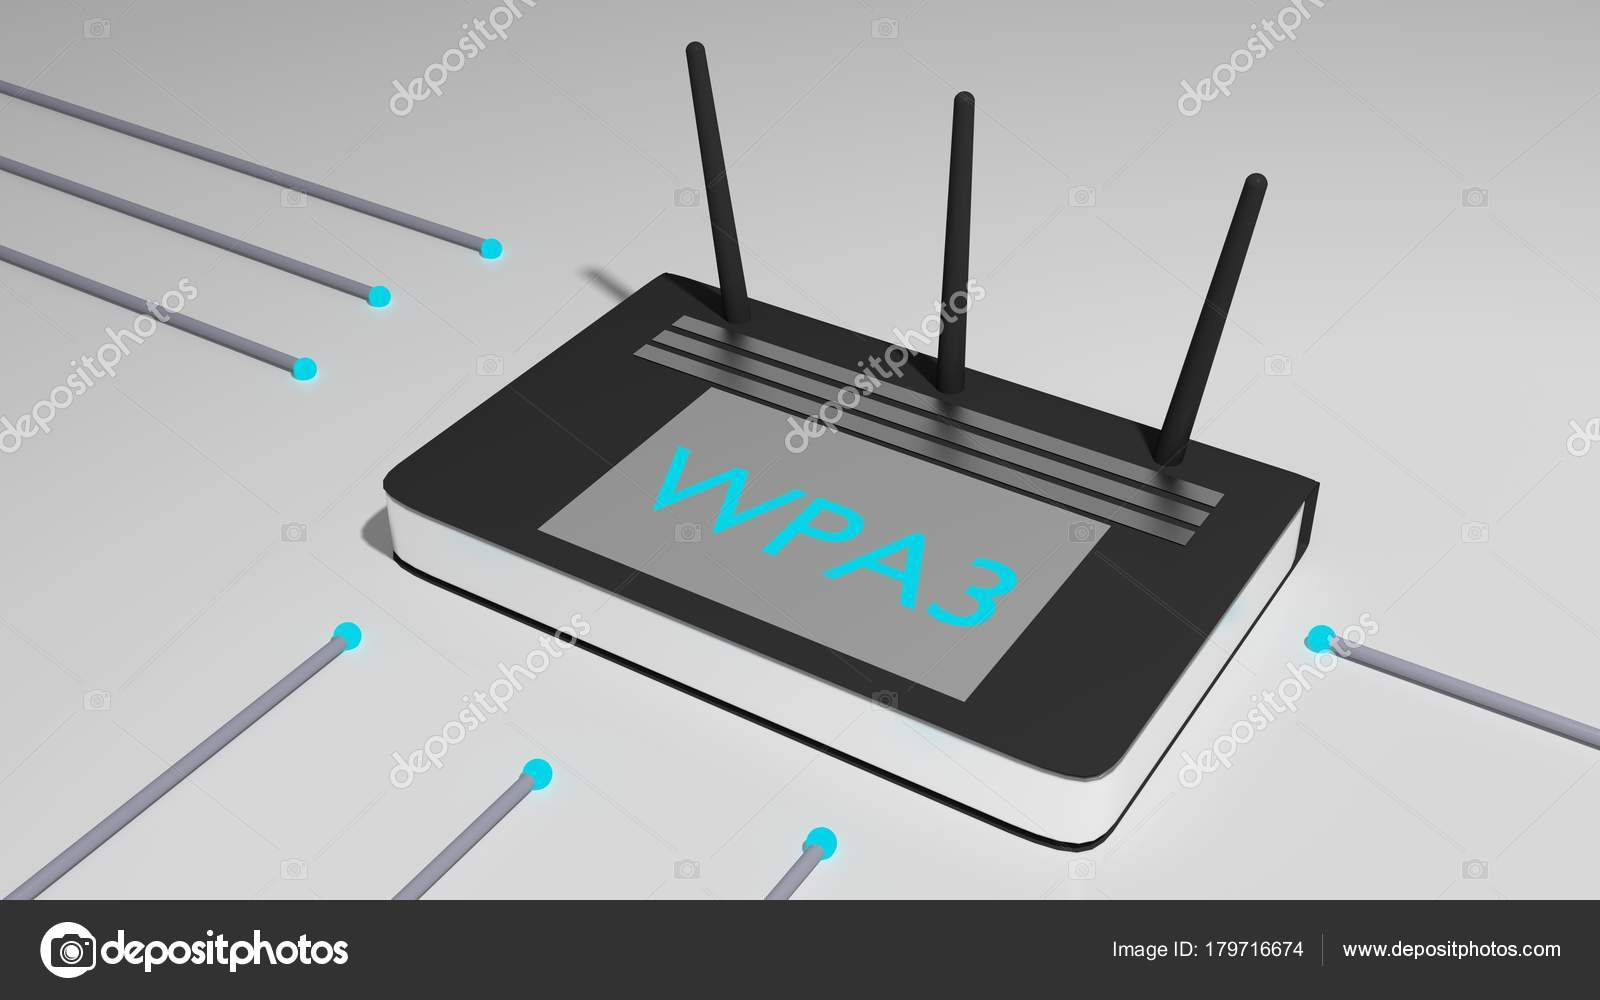 Router negro con tres antenas y el cyber de la abreviatura Wpa3 ...